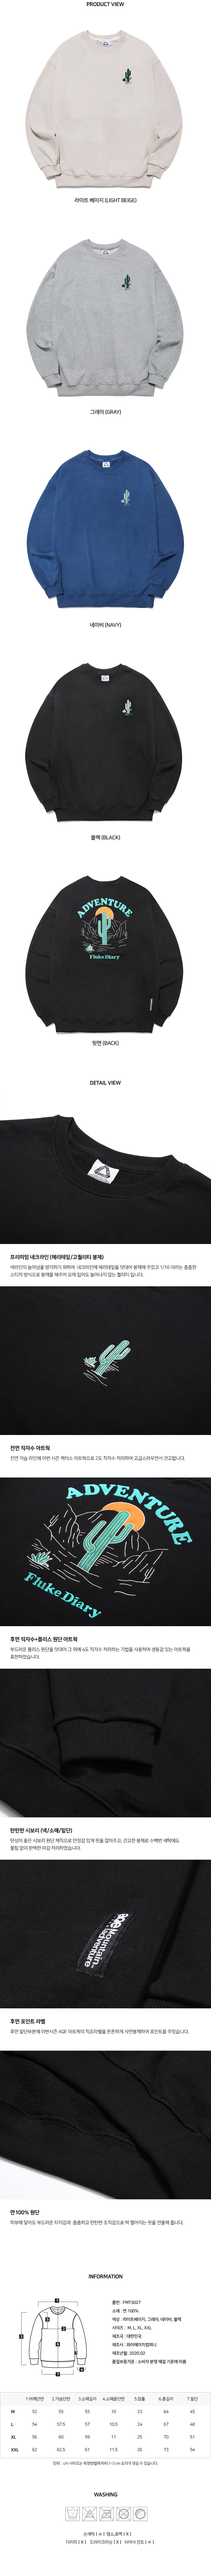 플루크 어드벤쳐 캑터스 자수 맨투맨티셔츠 FMT3027 / 4color